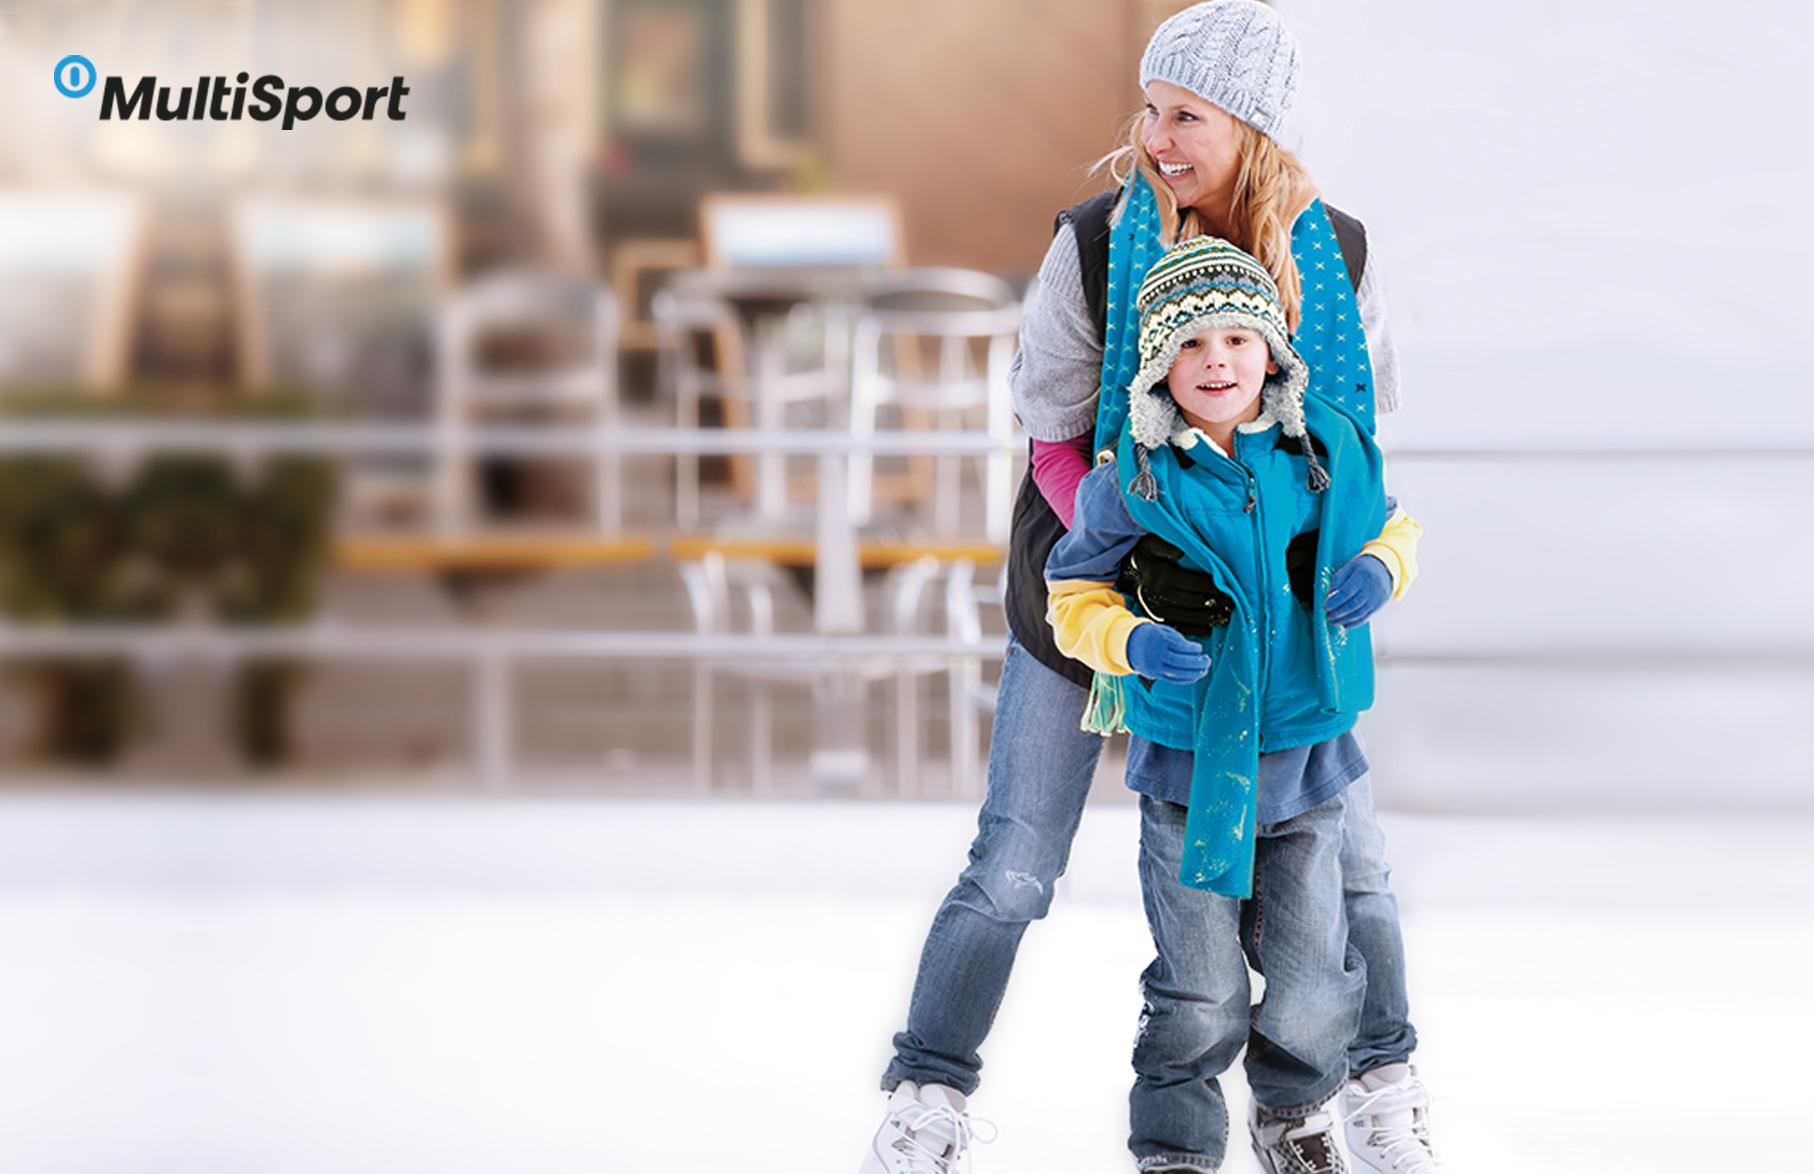 Lední bruslení s MultiSportem